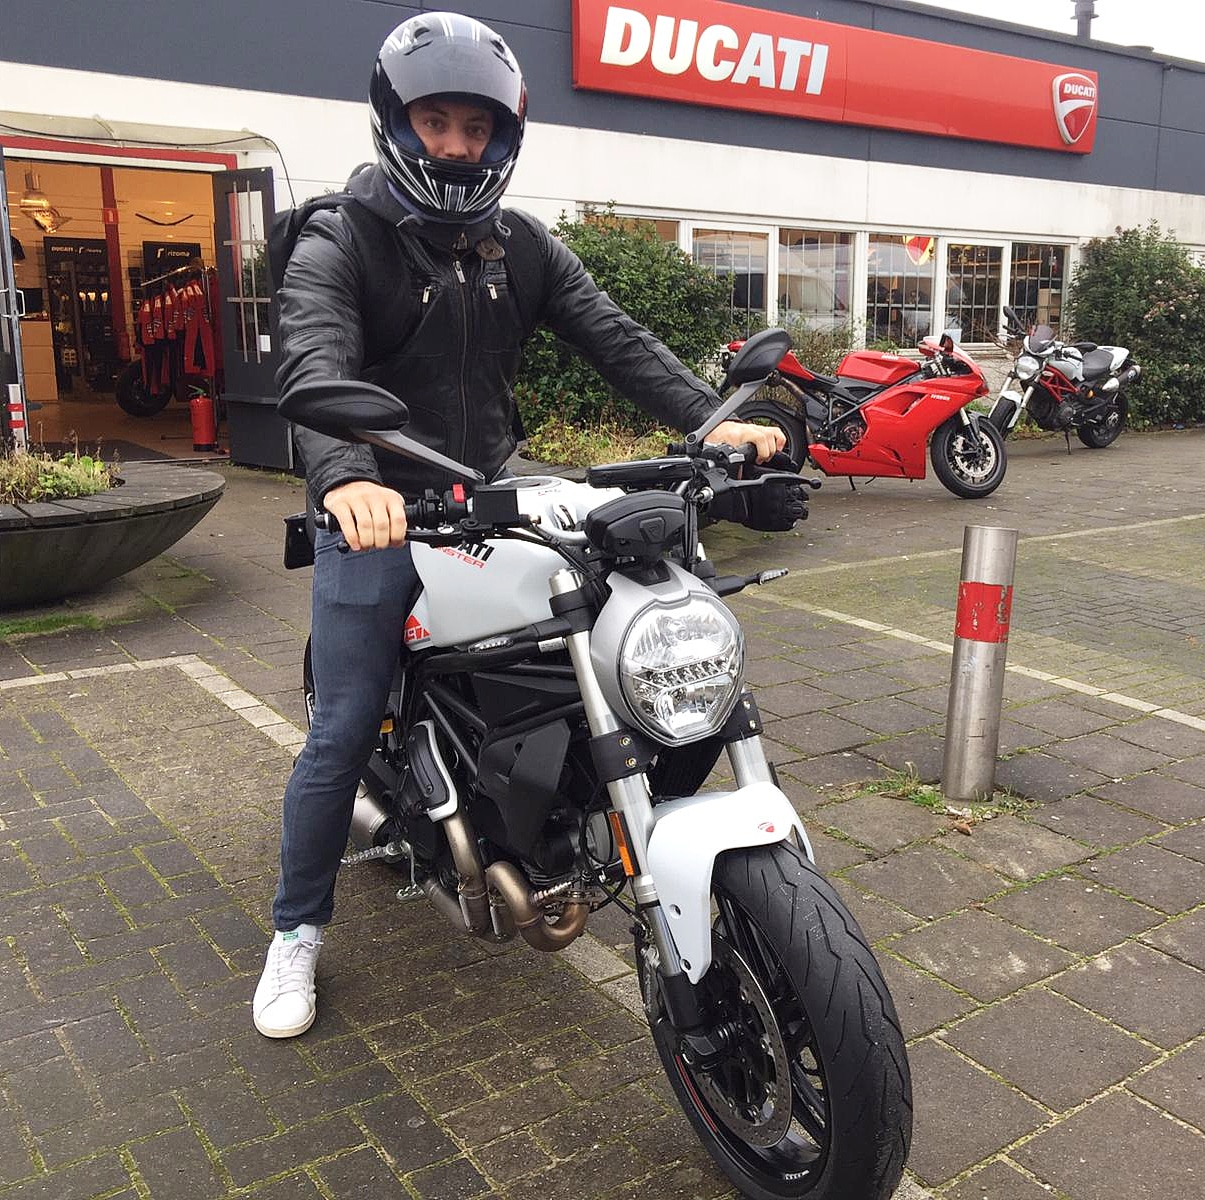 ducati monster 821 white